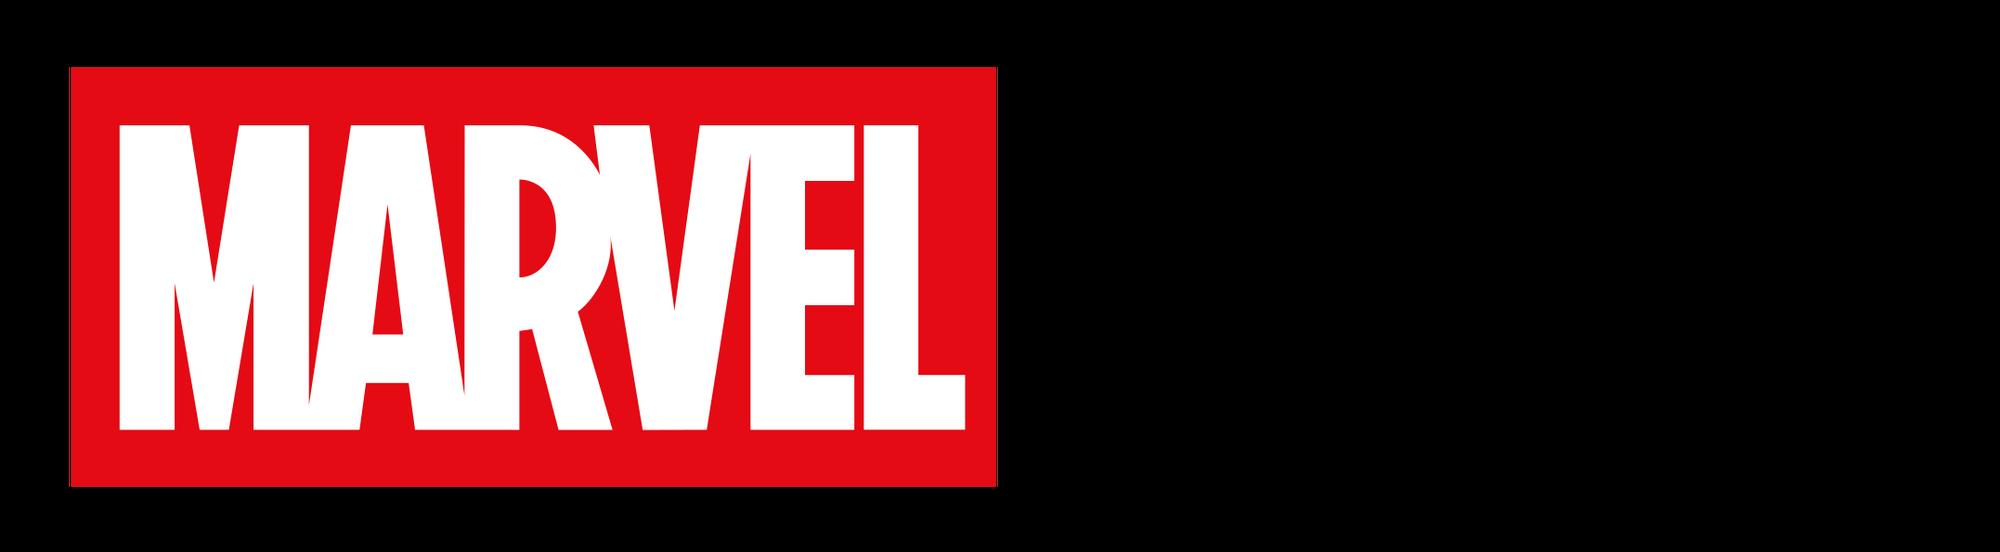 Marvel Studios | Disney Wiki | FANDOM powered by Wikia